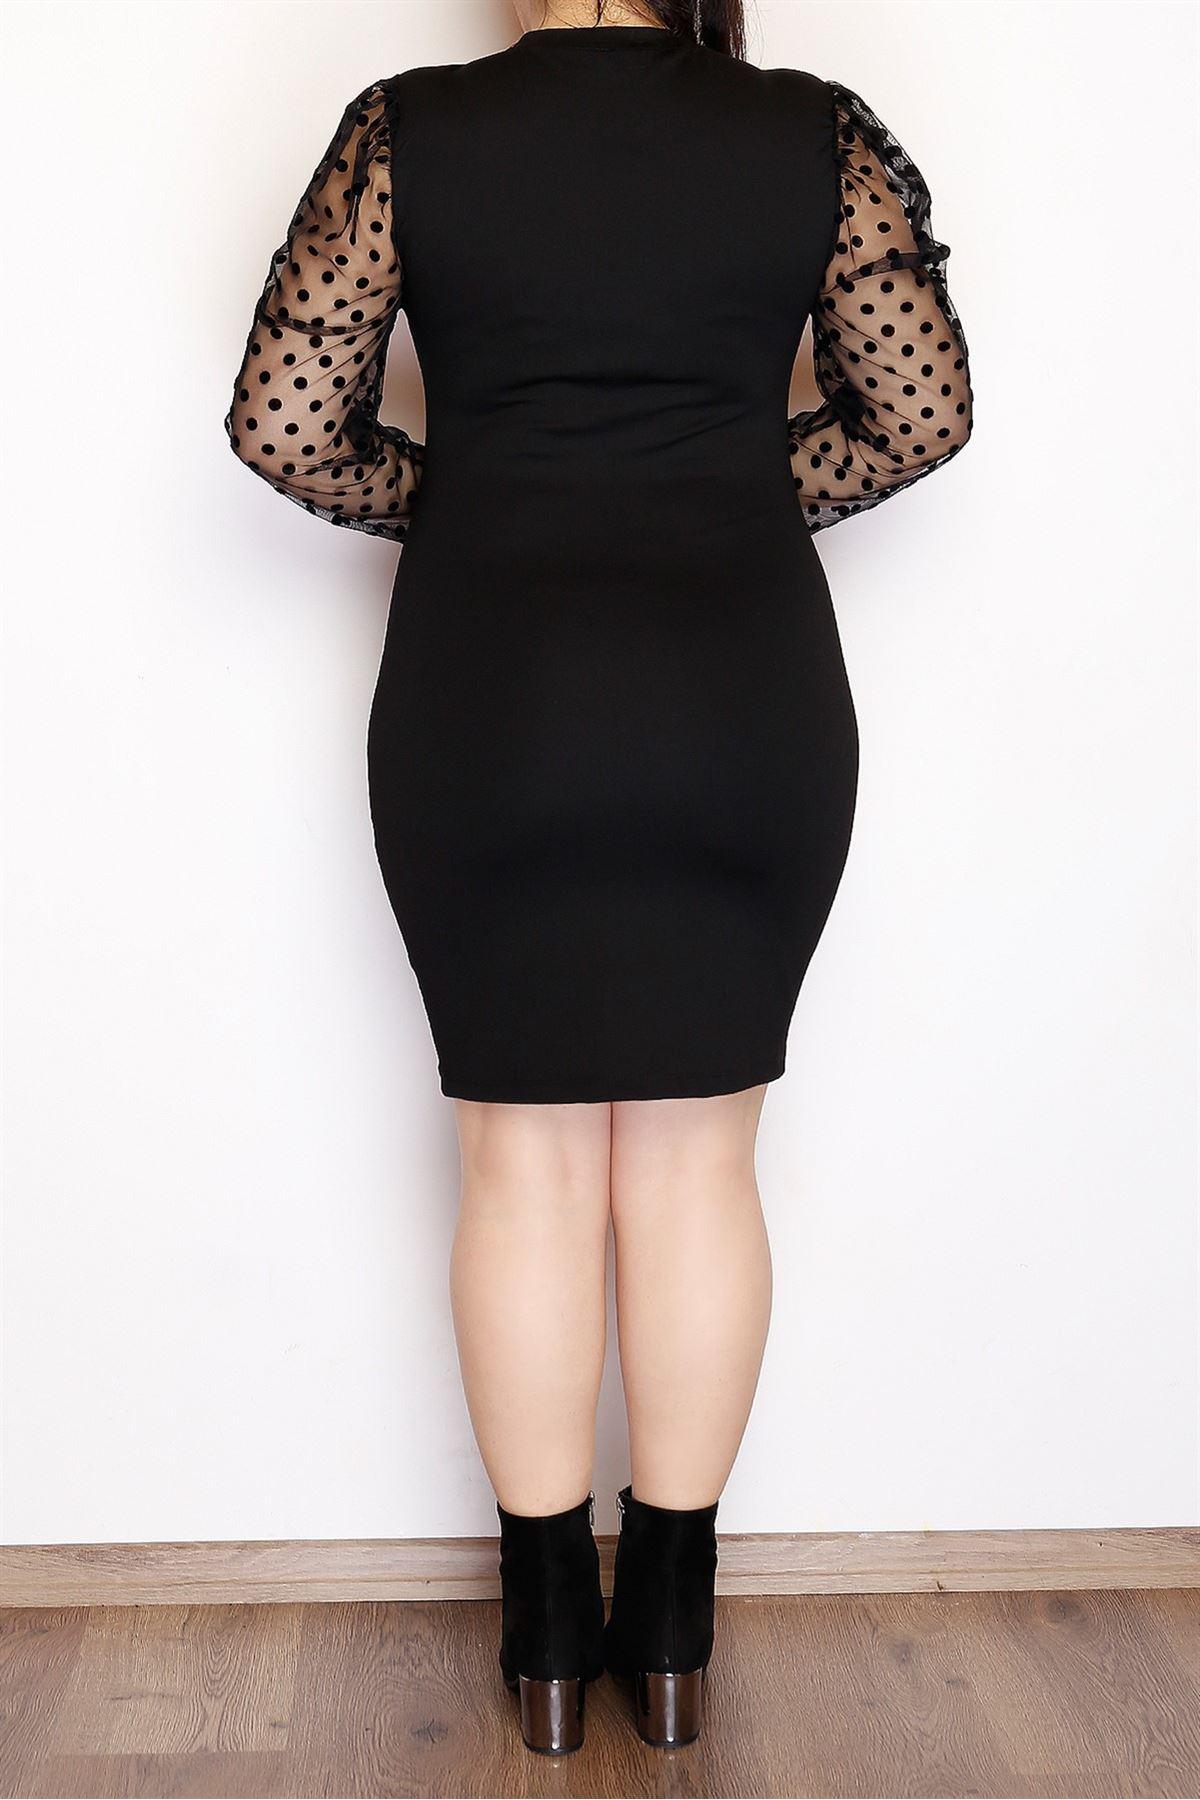 Kolları Puanlı Elbise Siyah - 3762.1256.